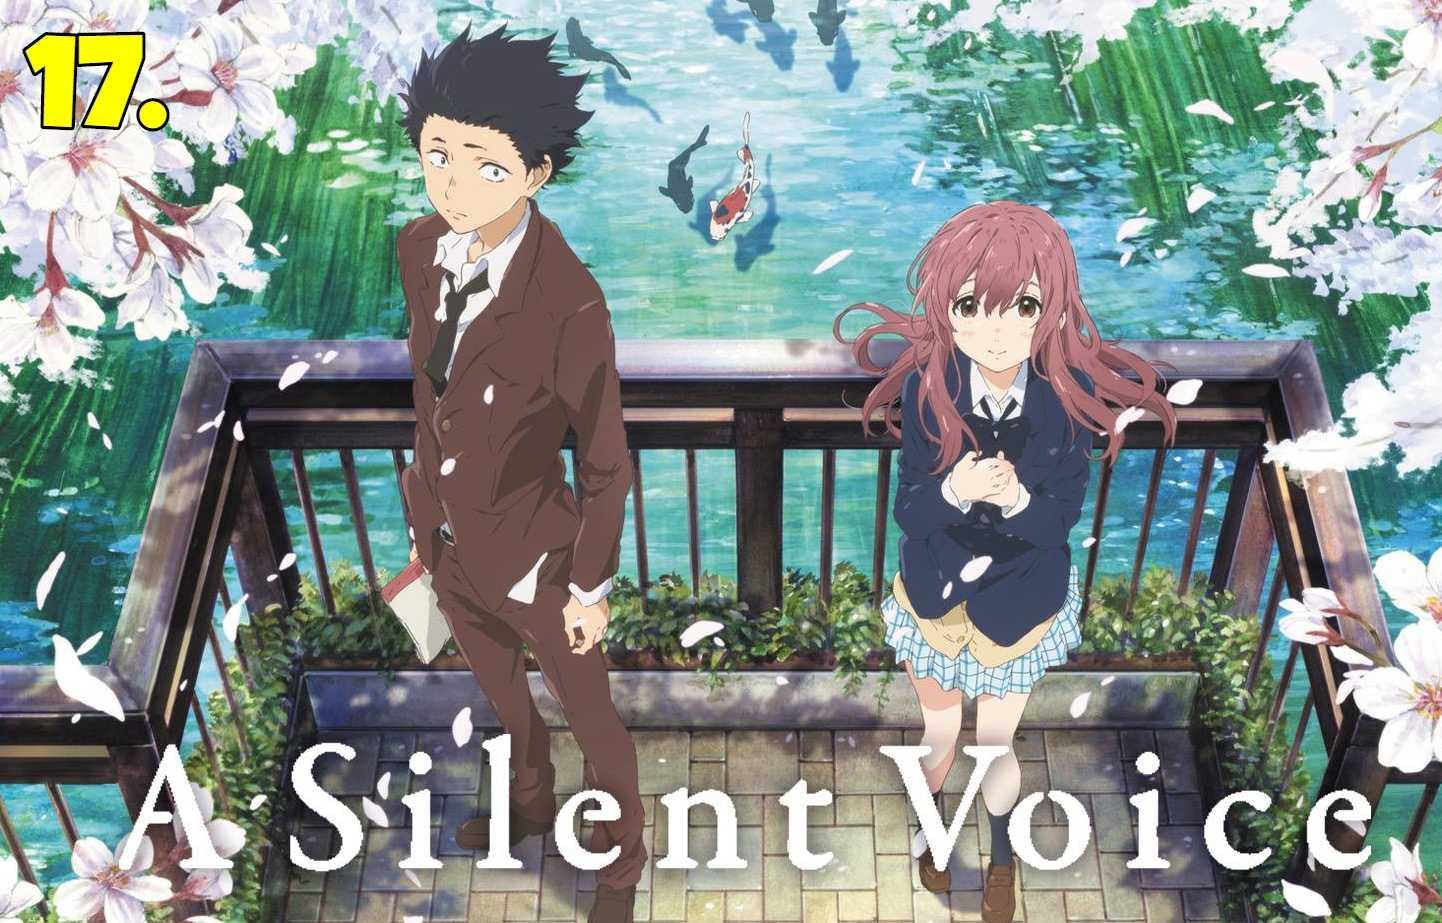 A-Silent-Voice